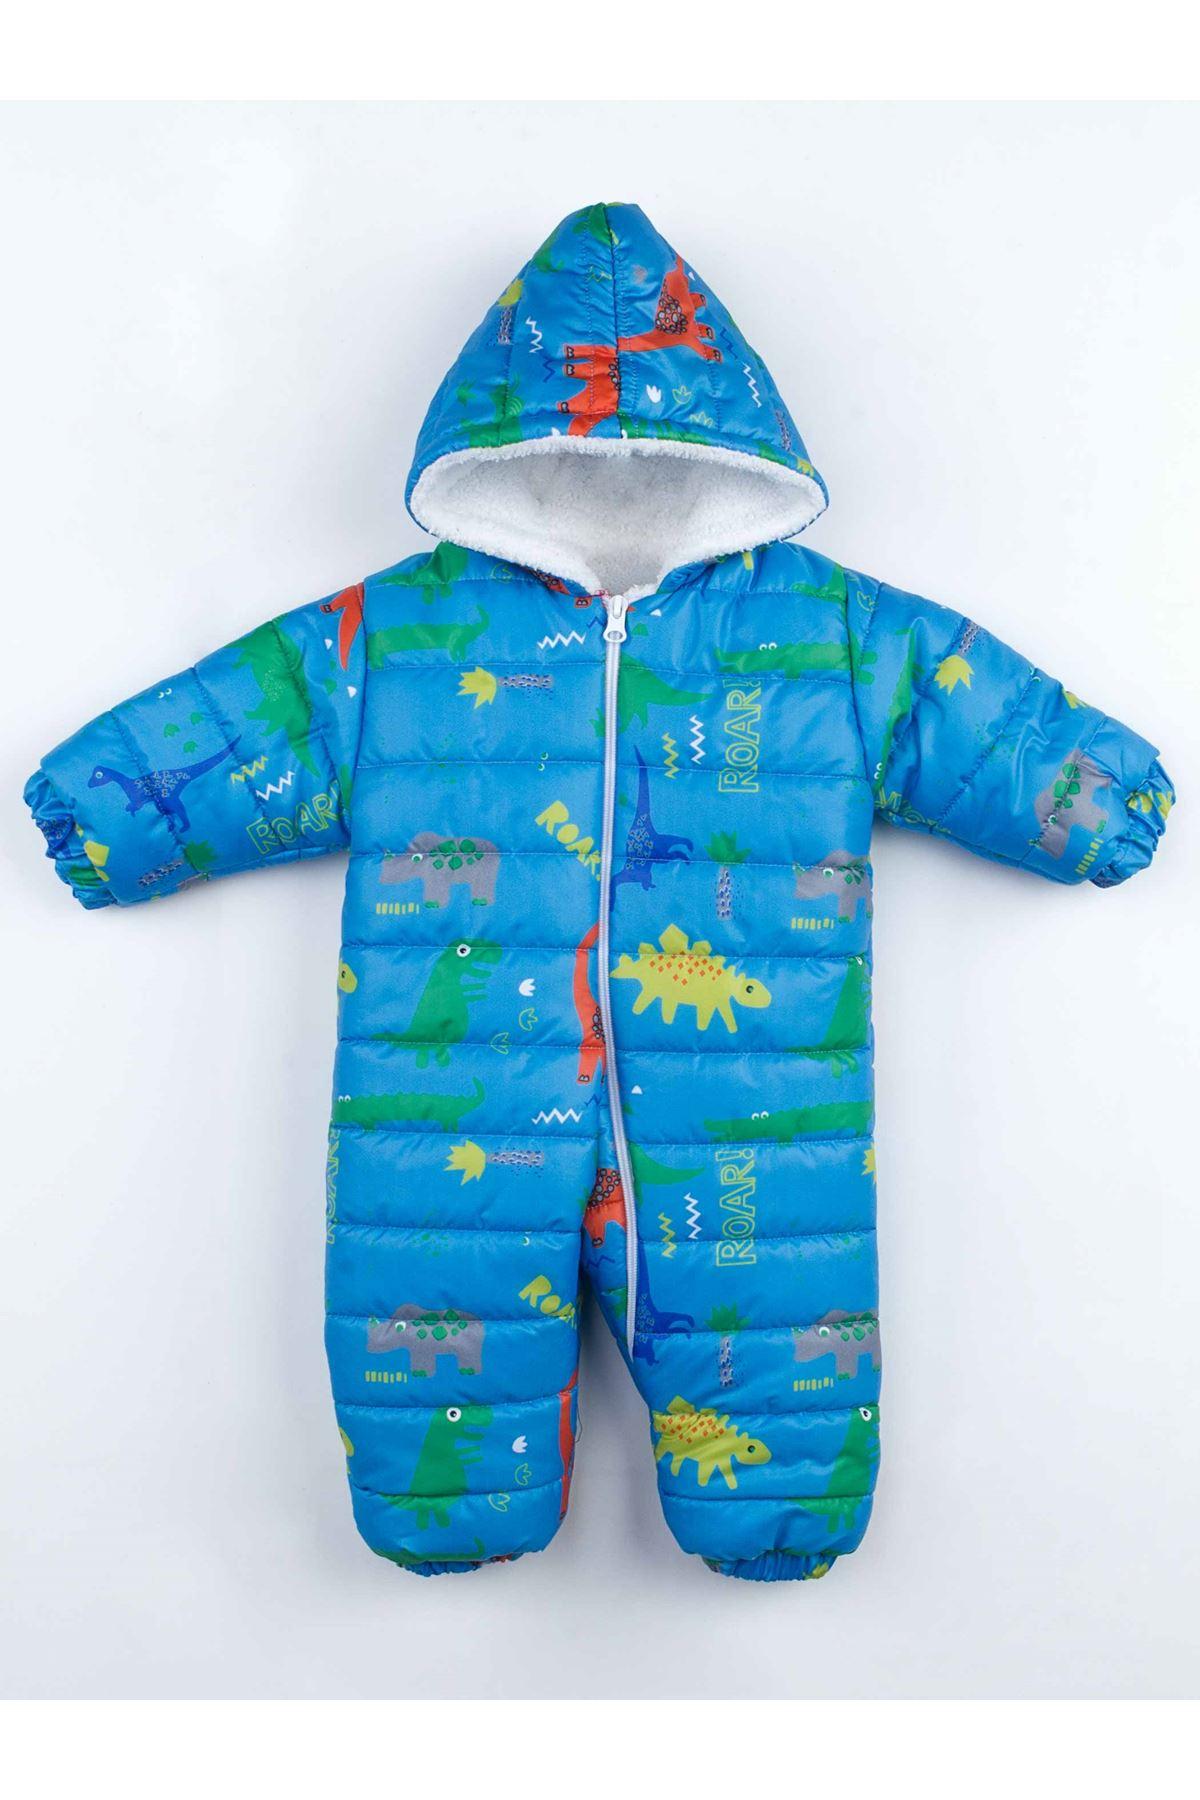 Mavi Dinazorlu Kışlık Bebek Kozmonot Tulum